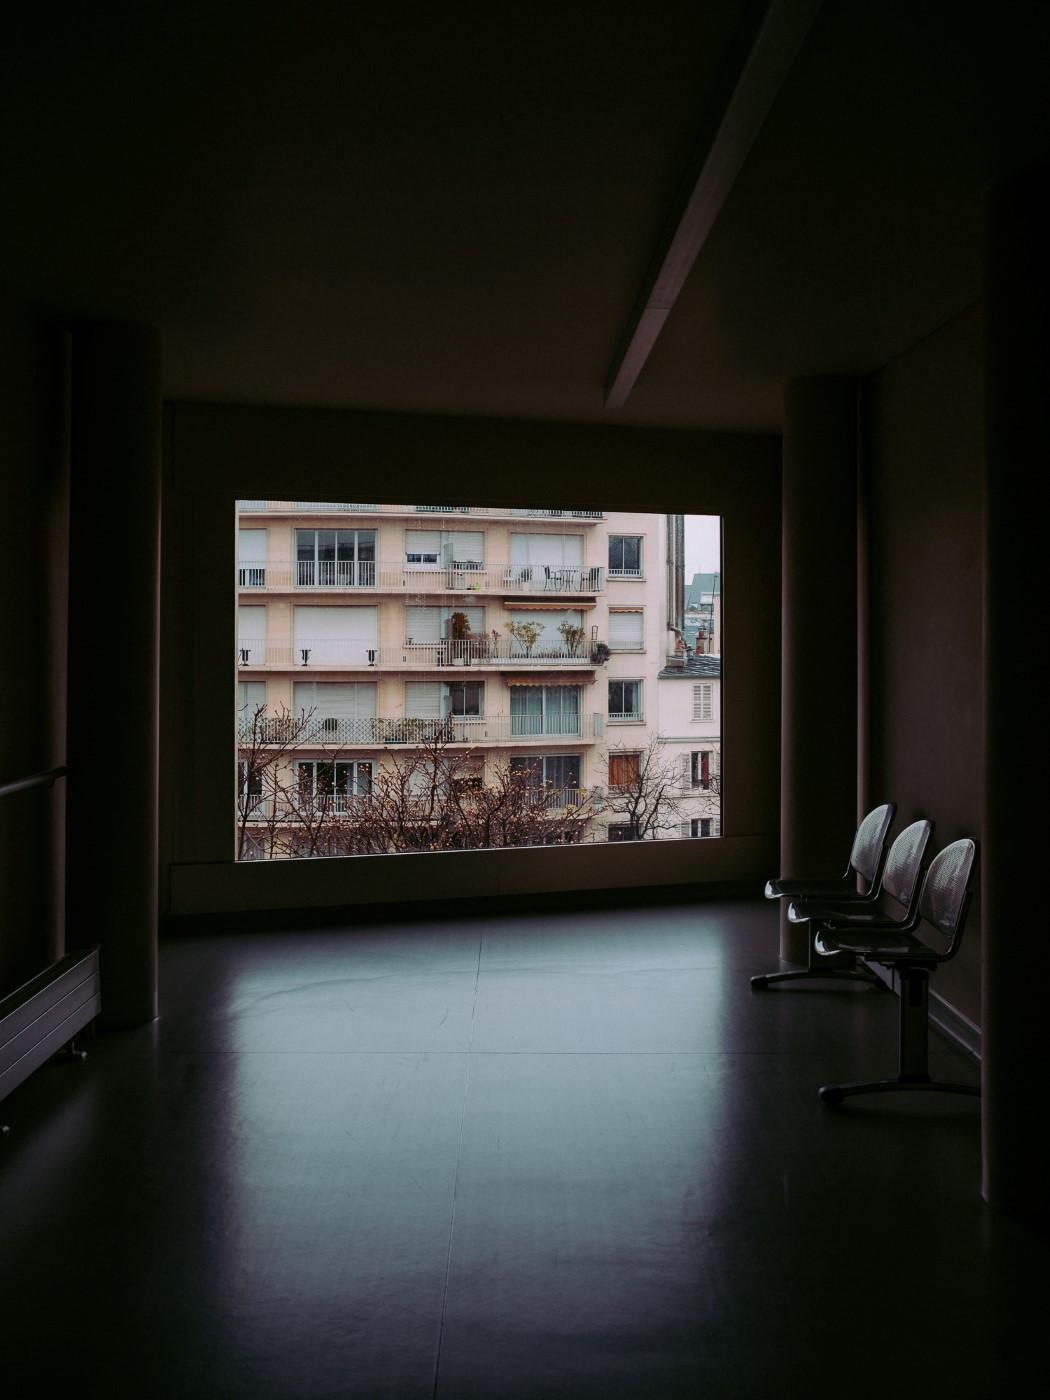 Couloir de l'hôpital